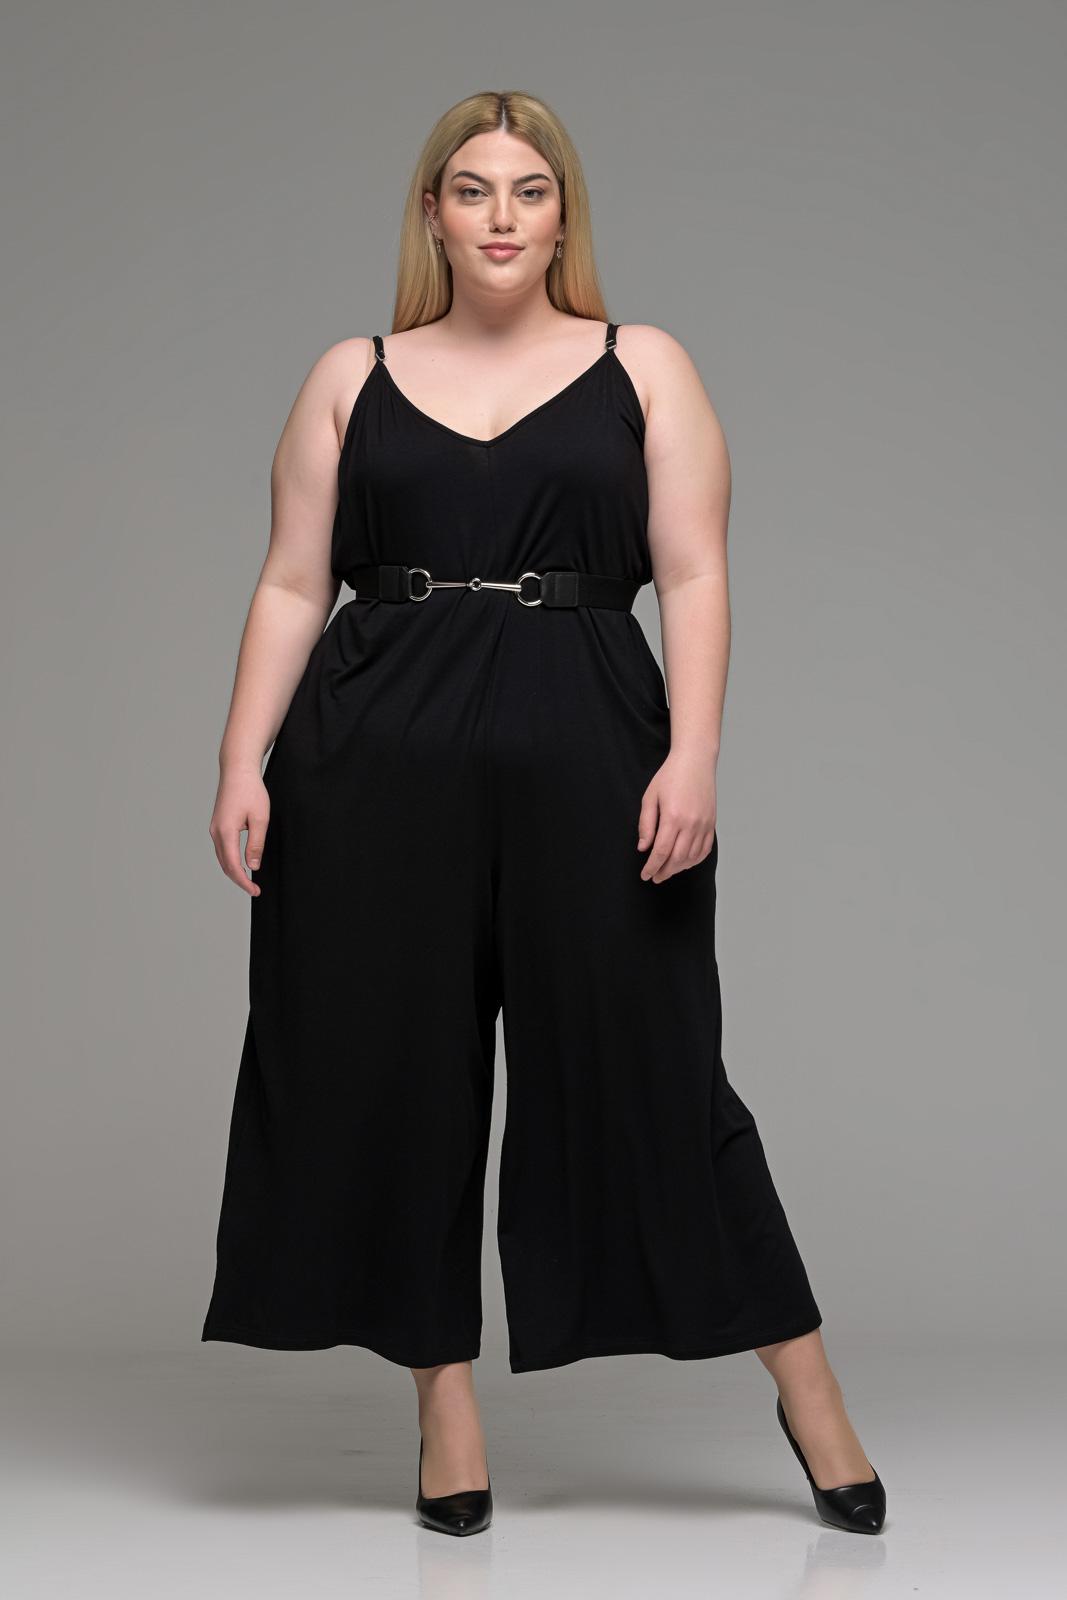 Ολόσωμη φόρμα μεγάλα μεγέθη παντελόνα βισκόζ με ραντάκι